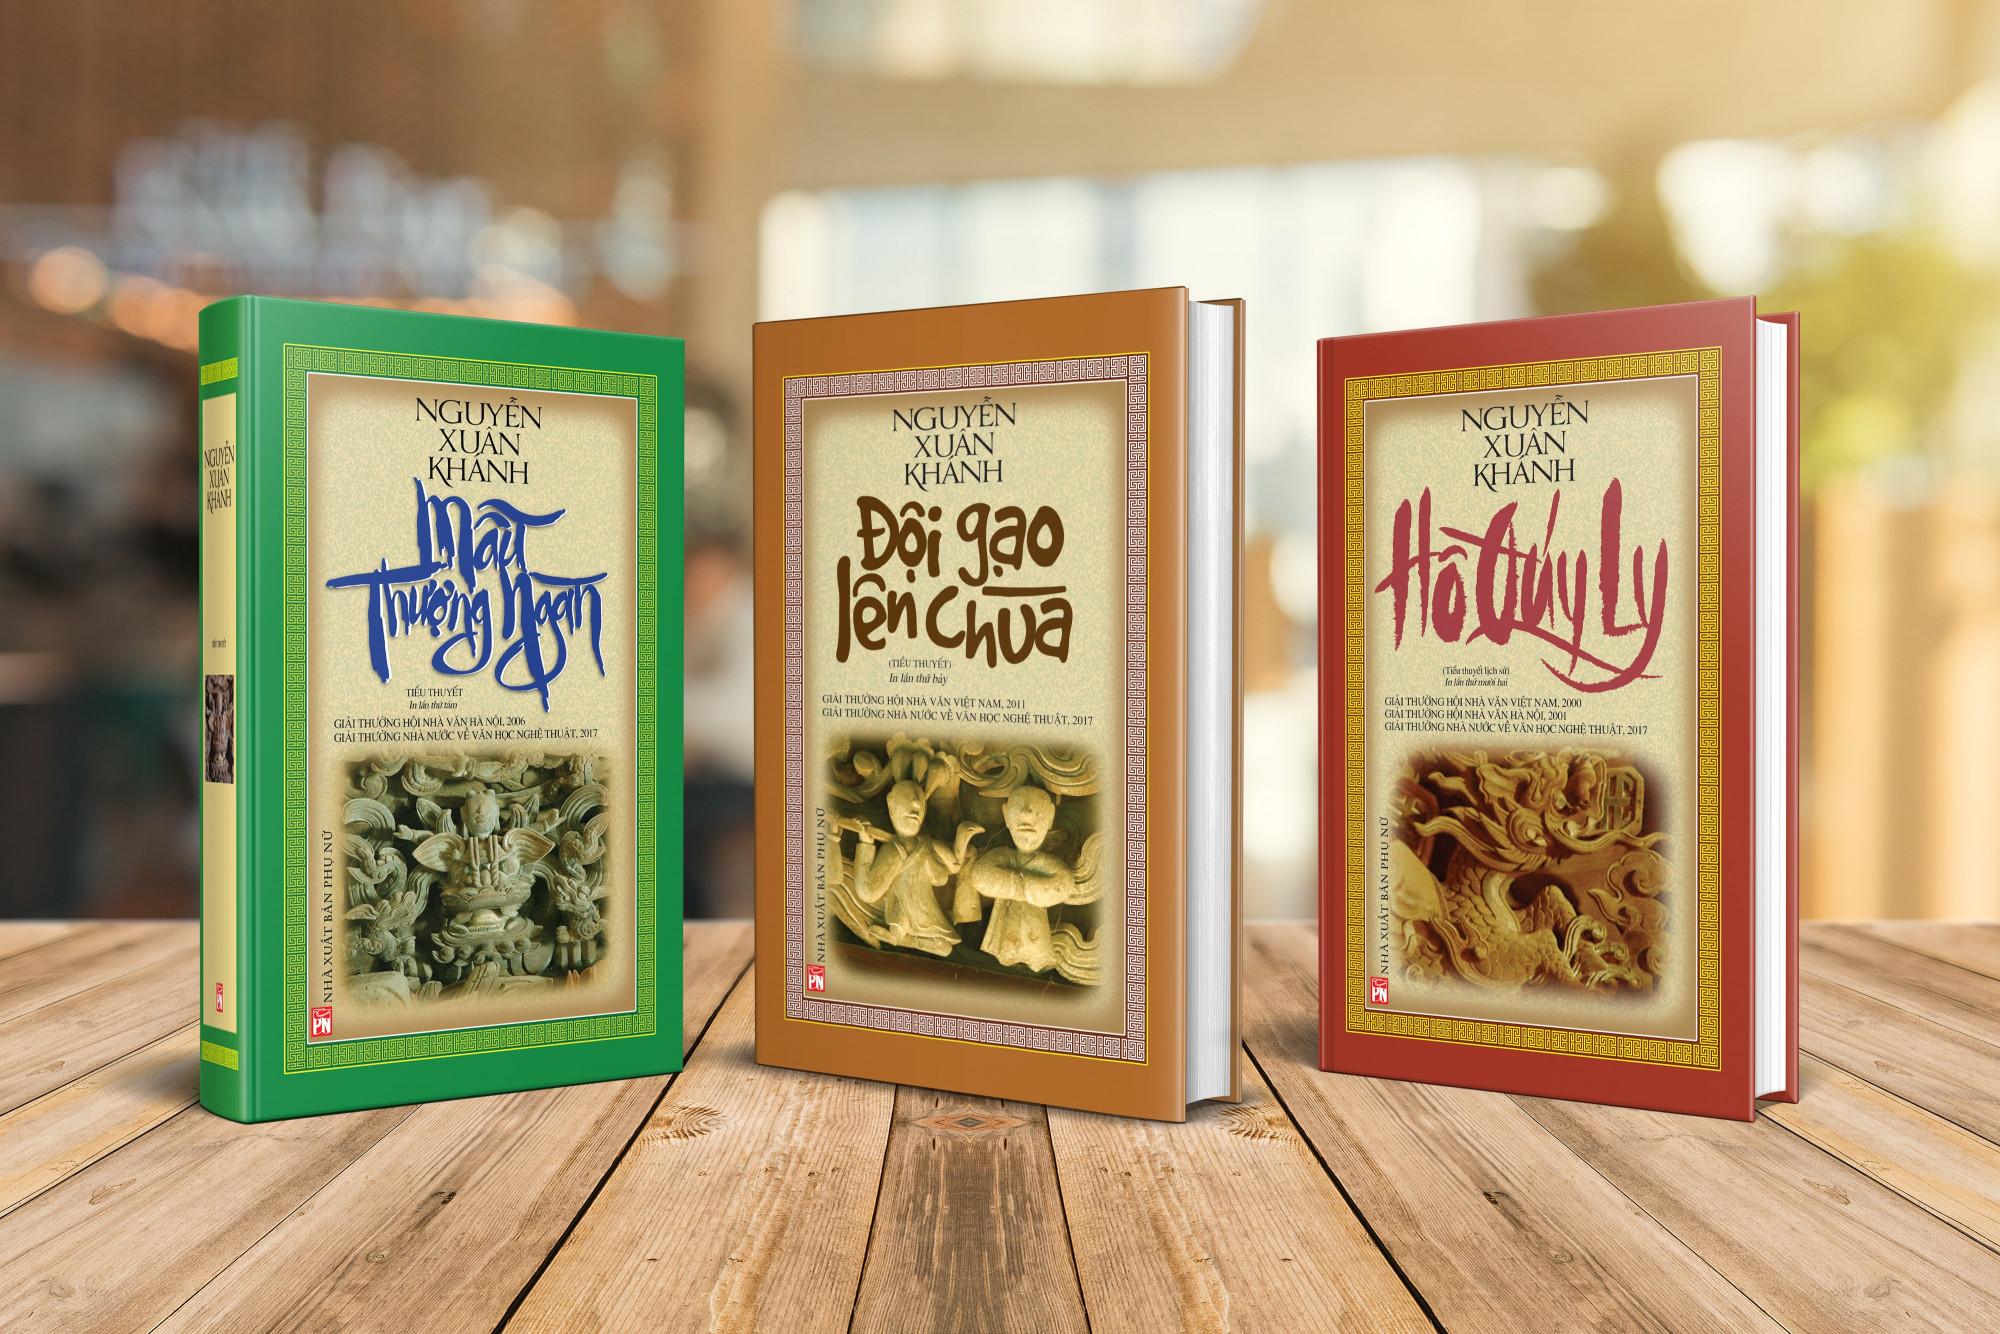 Bộ ba cuốn tiểu thuyết đồ sộ của nhà văn Nguyễn Xuân Khánh